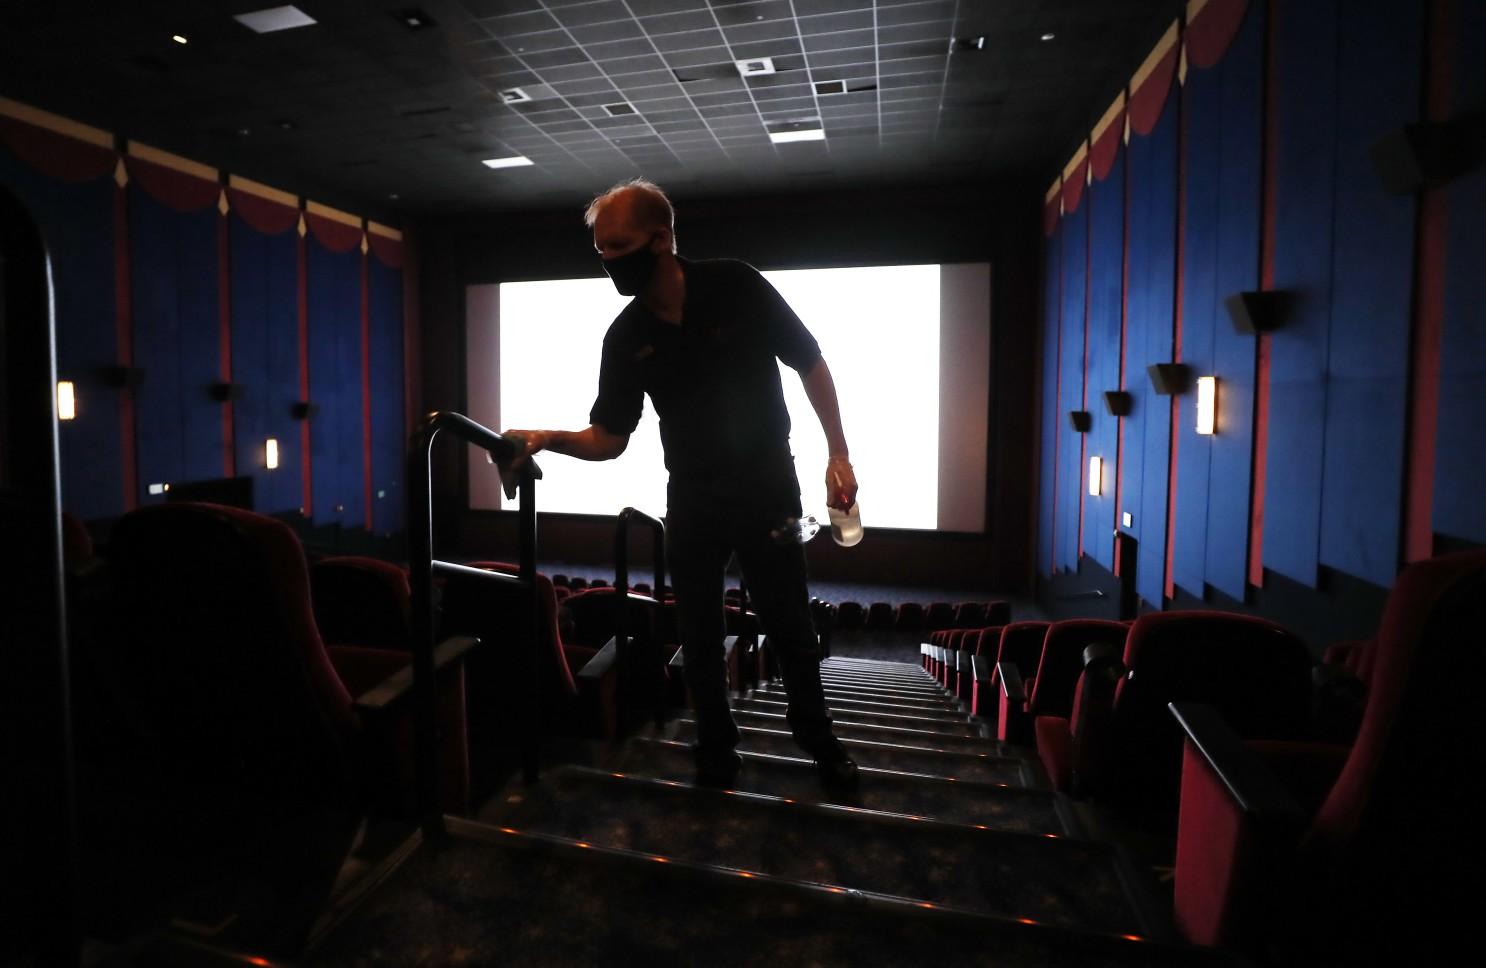 โรงภาพยนตร์ในร่มปลอดภัยแค่ไหนในช่วงโควิดระบาด?